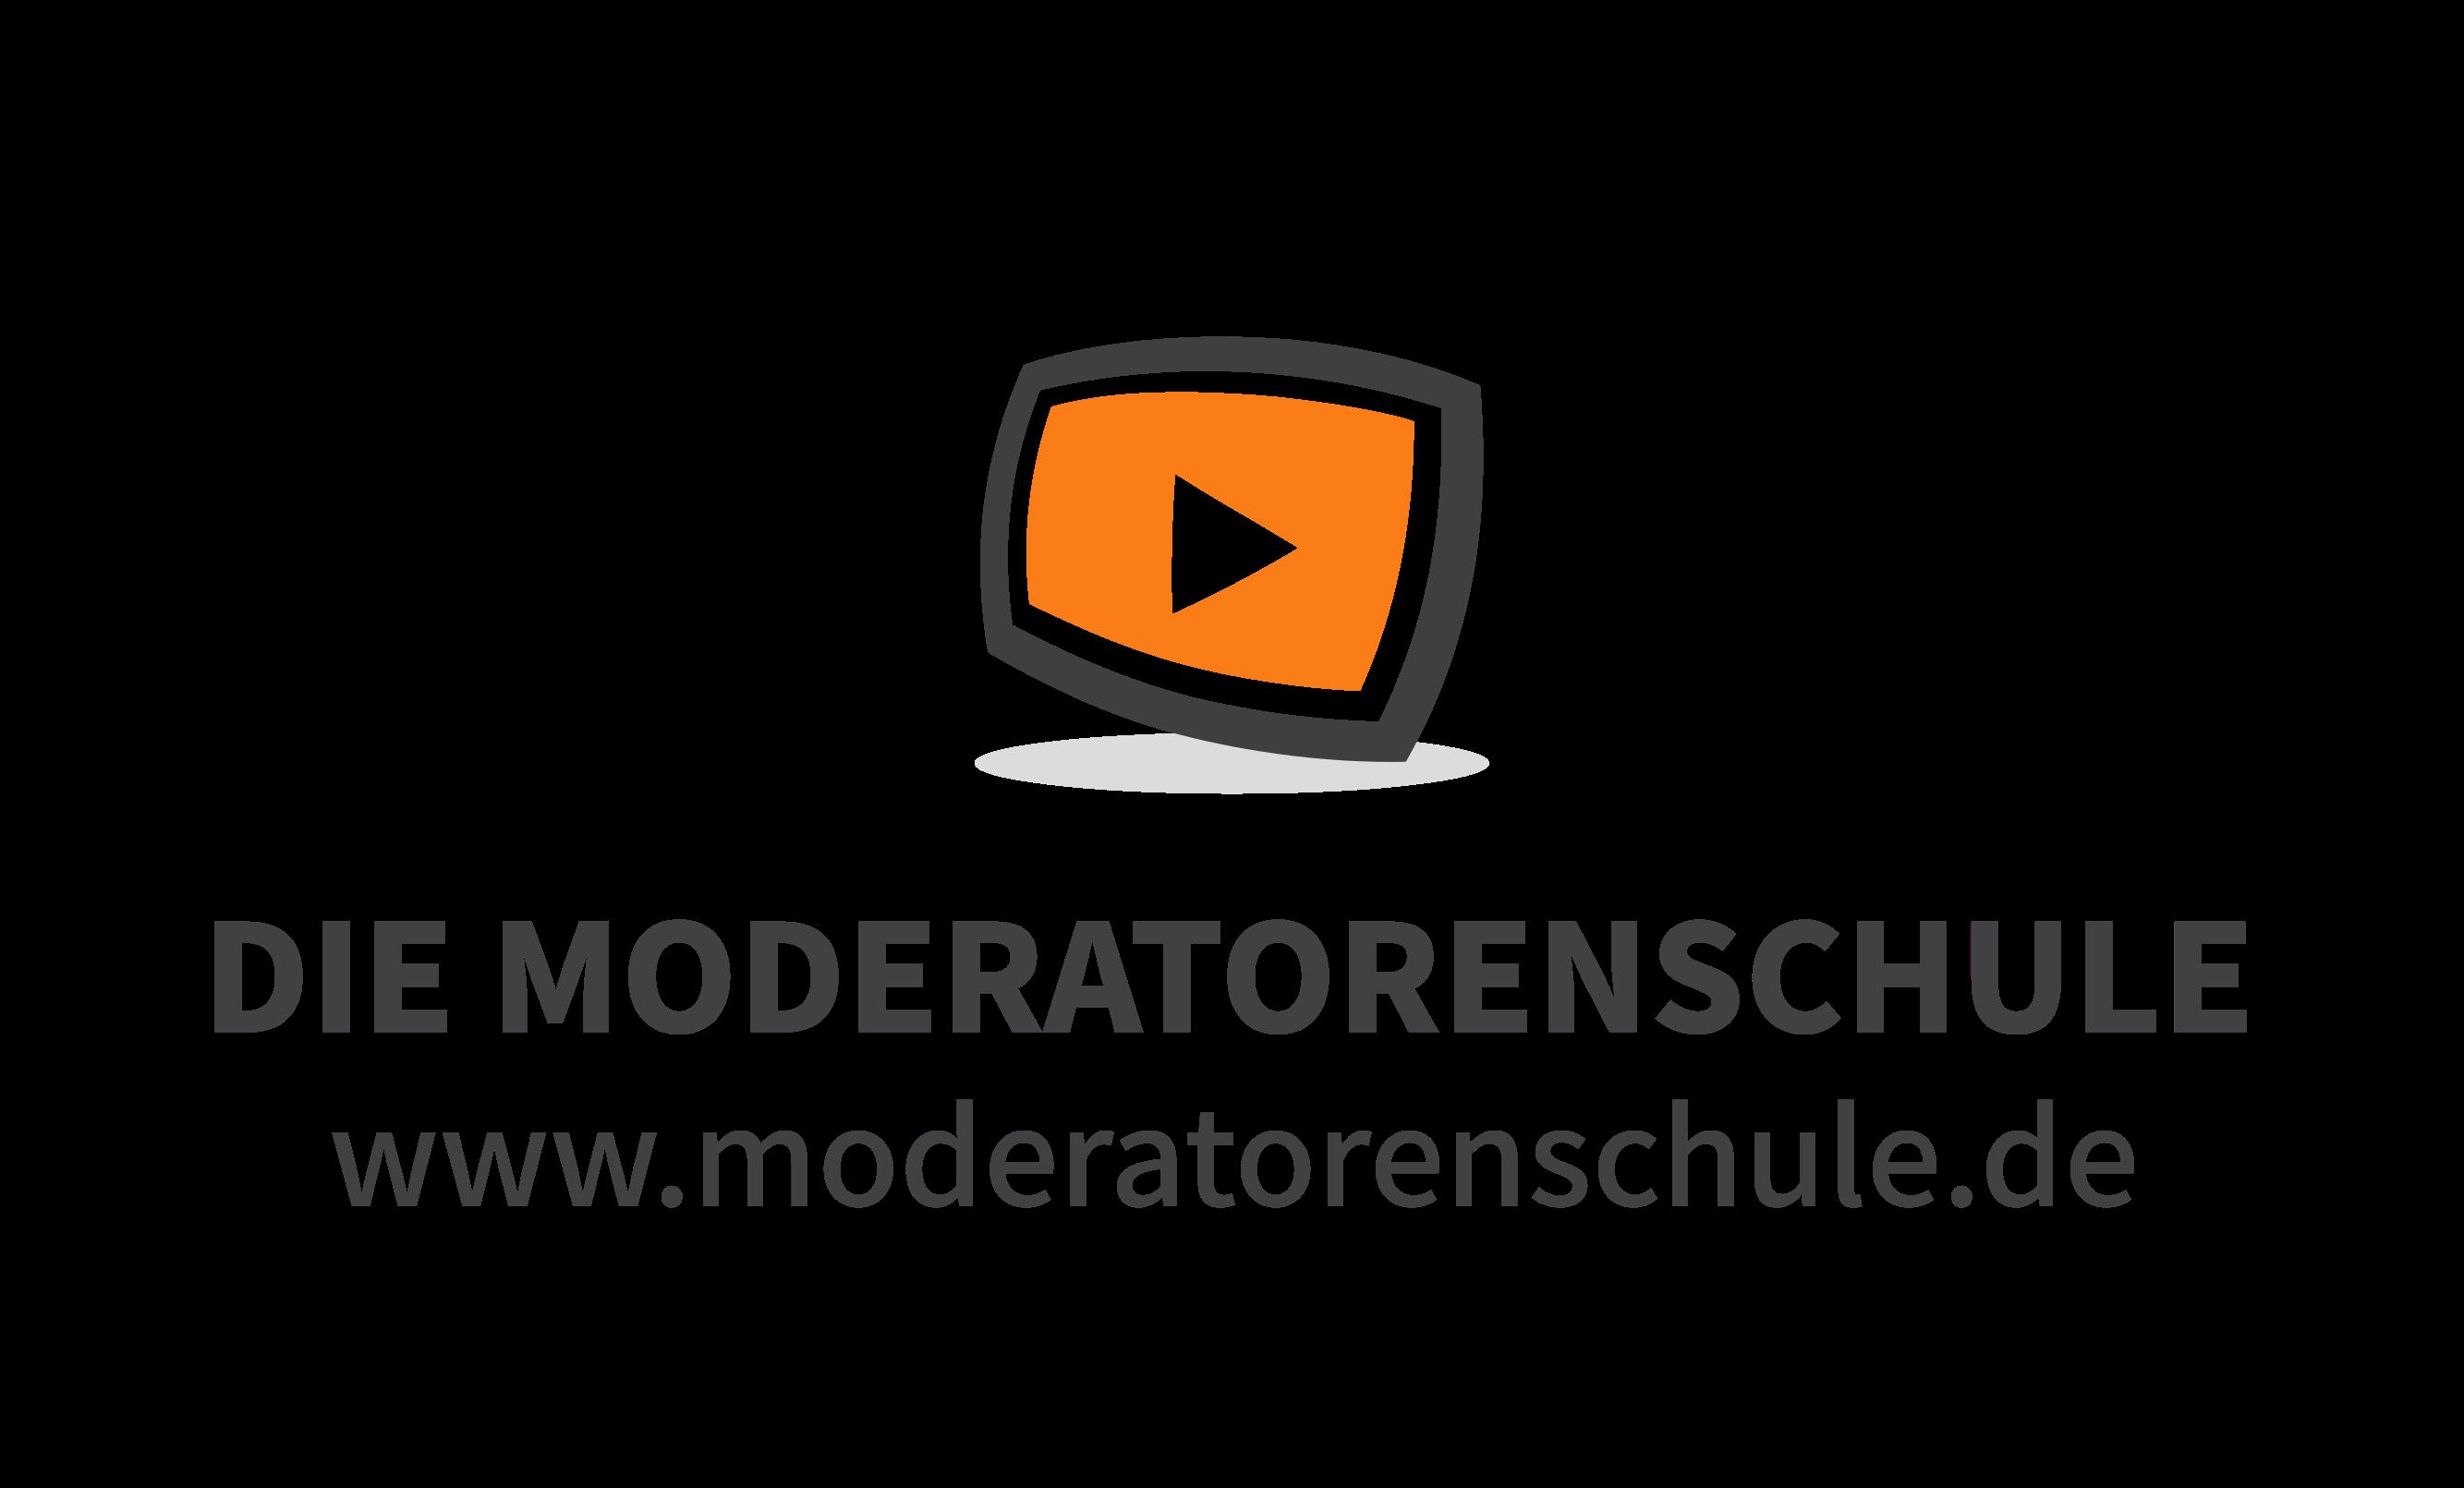 Die Moderatorenschule Hamburg